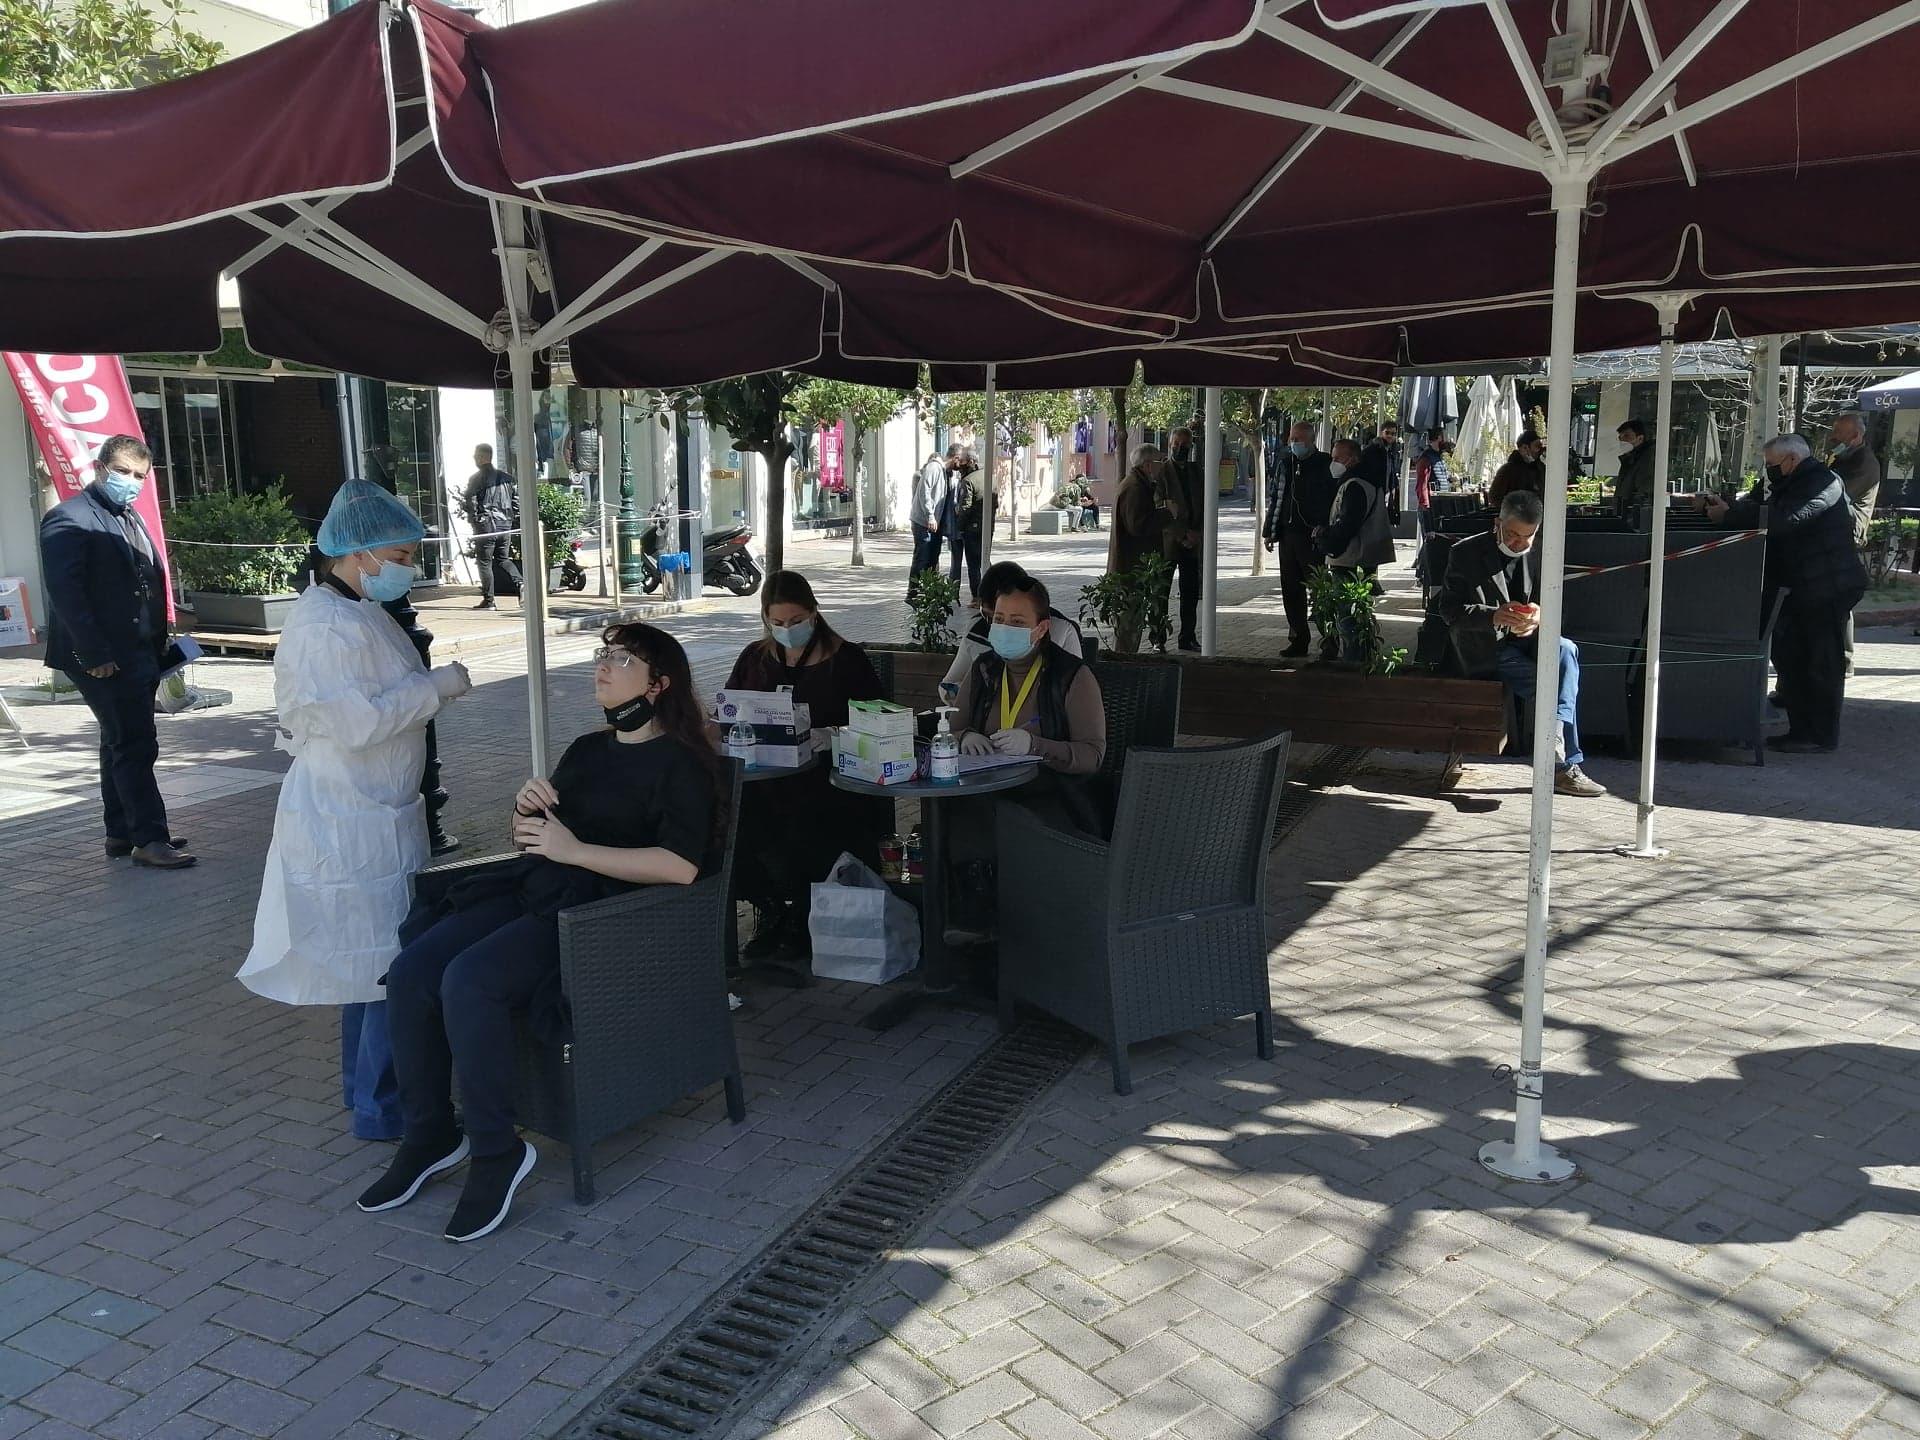 Δήμος Πύργου: Επαναλαμβάνονται τα rapid testαπό κλιμάκιο του ΕΟΔΥ στην πλατεία Δικαστηρίων την Τρίτη 16/3- Μεγάλη προσέλευση πολιτών στα σημερινά rapid test (photos)